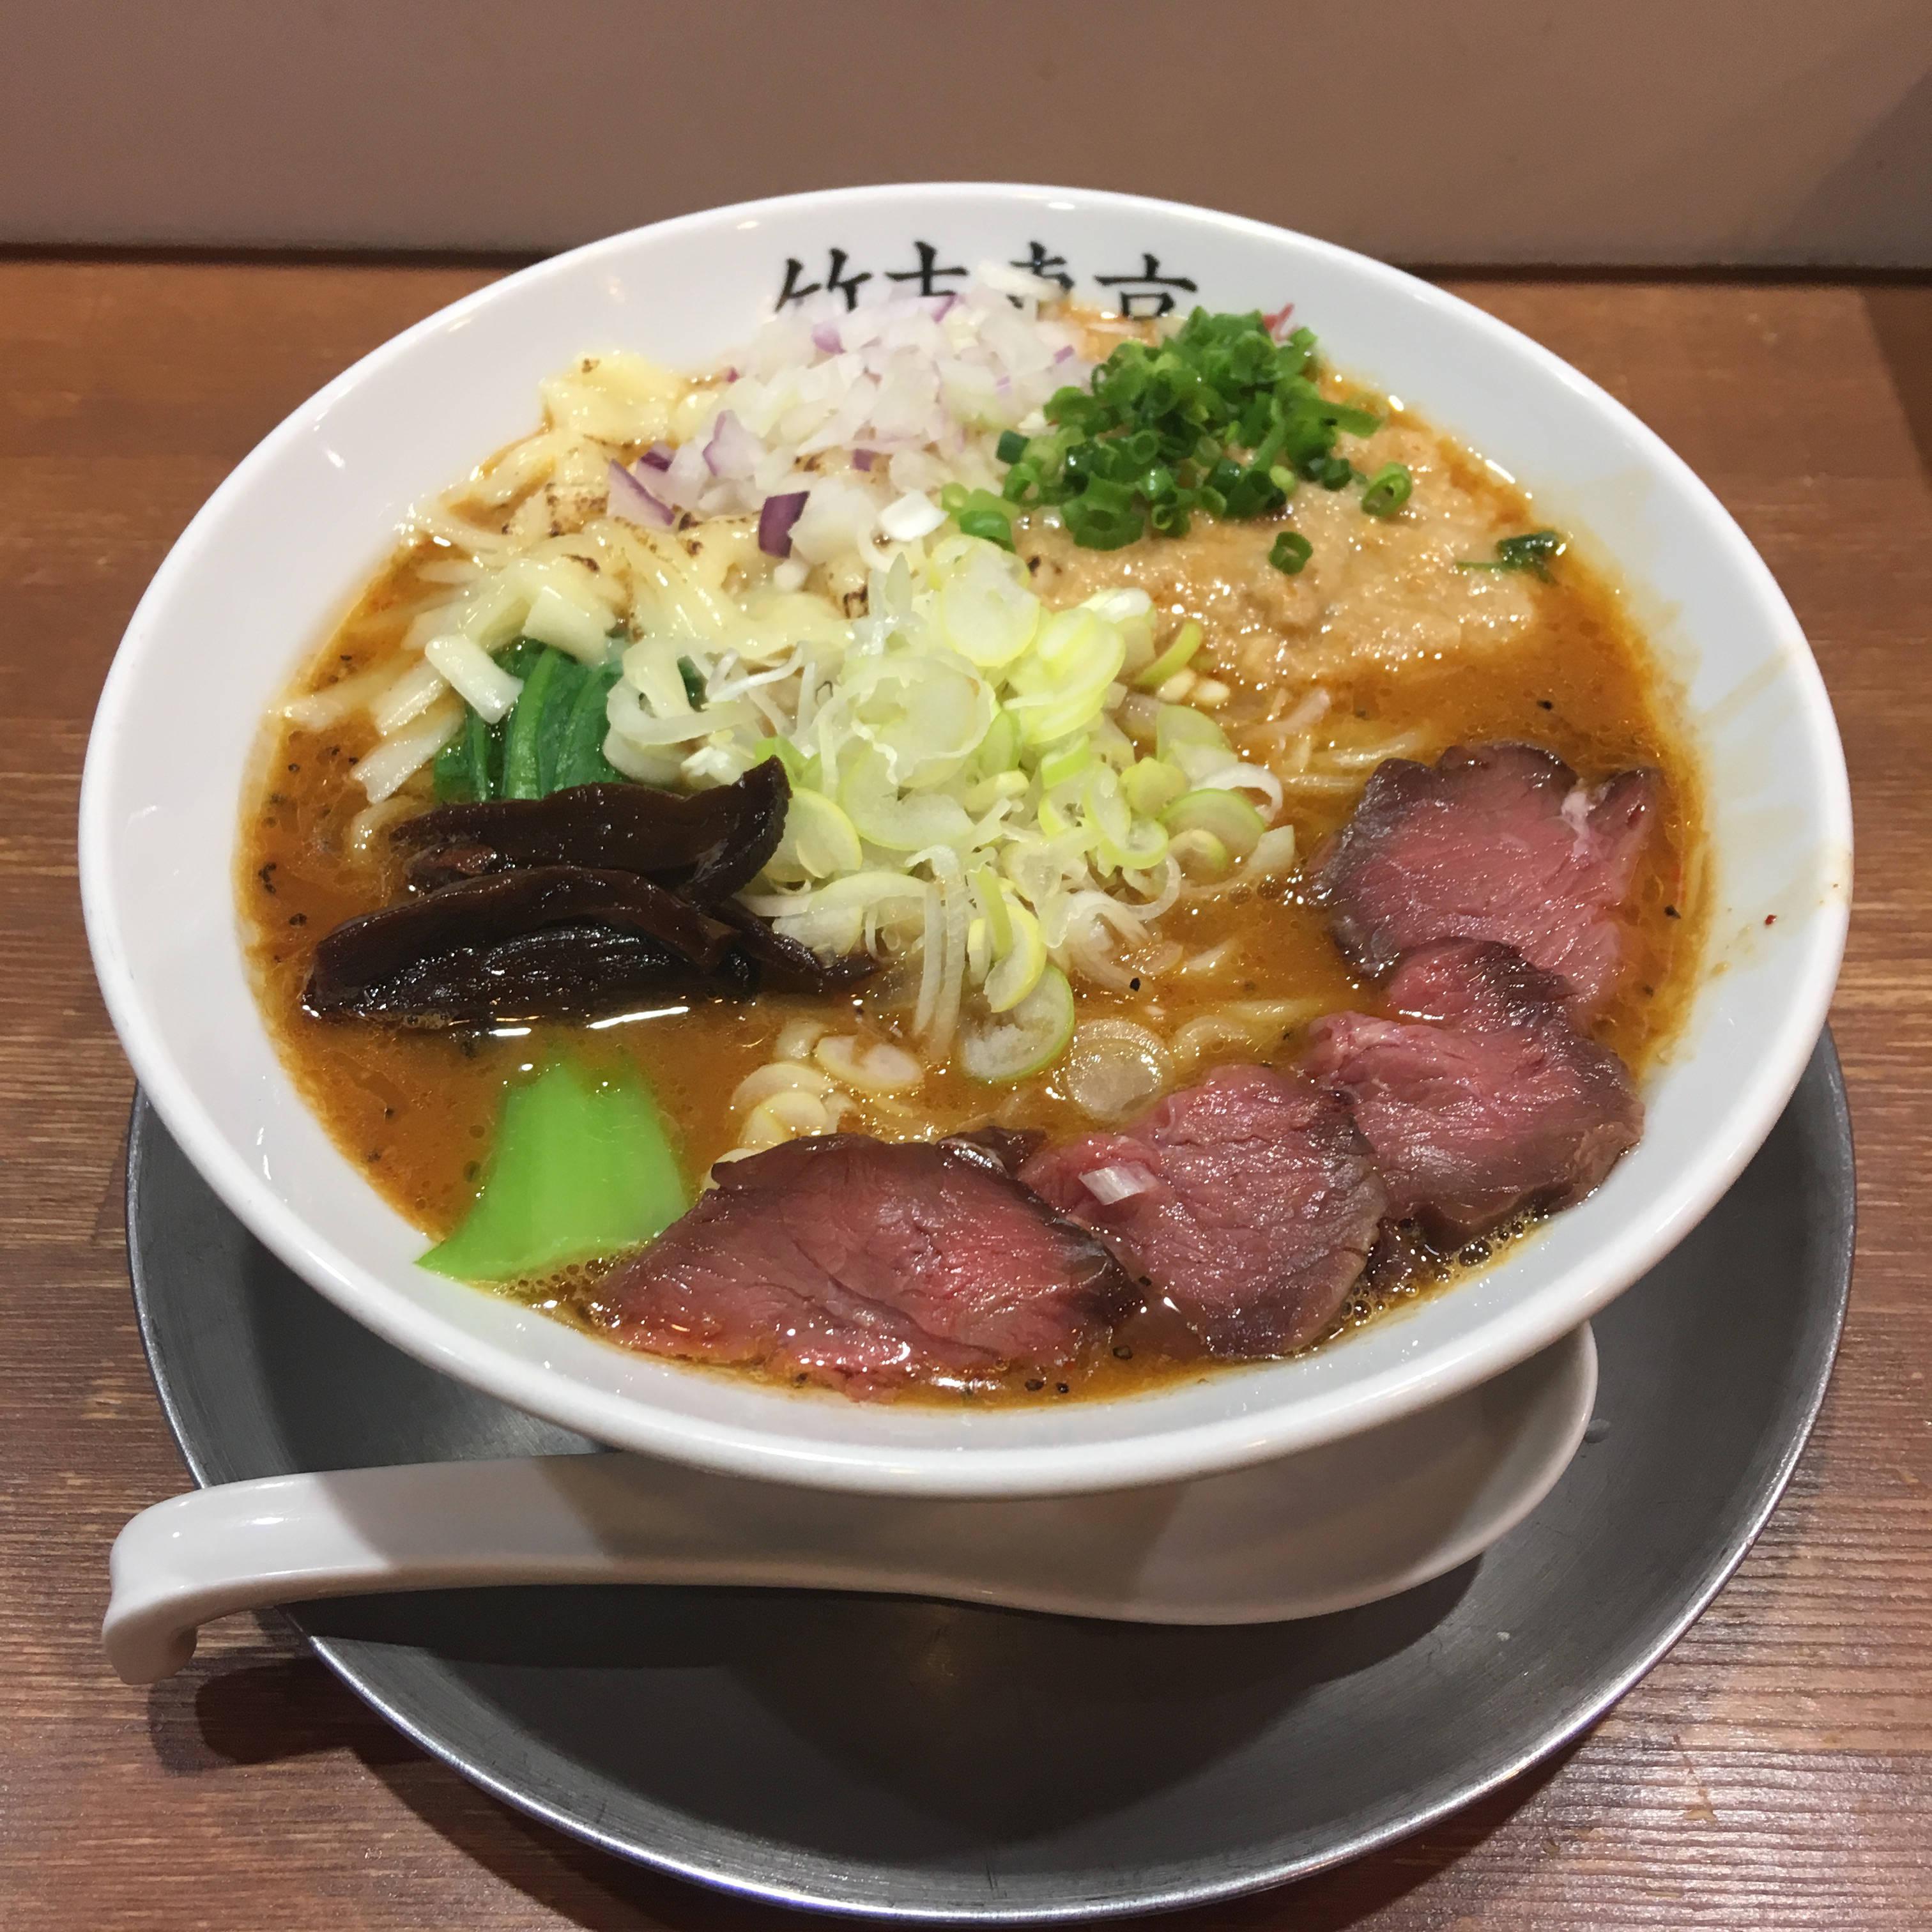 スープ切れと言われた日の竹末東京プレミアムのラーメン